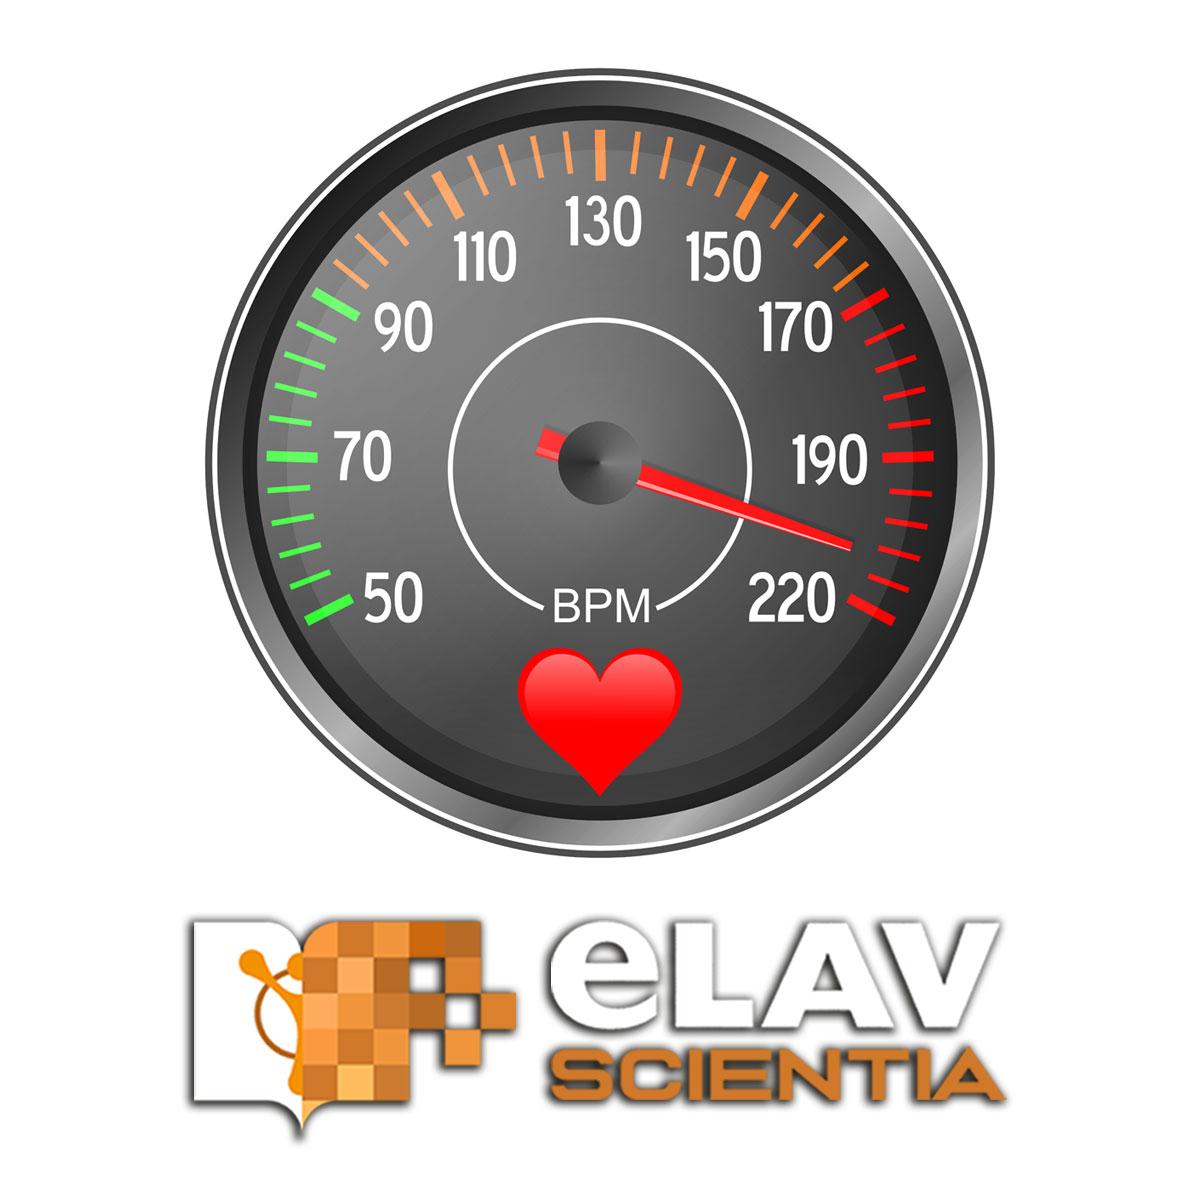 Precisione Delle Equazioni Comunemente Usate Per Il Calcolo Della Frequenza Cardiaca Massima Prevista Per Età